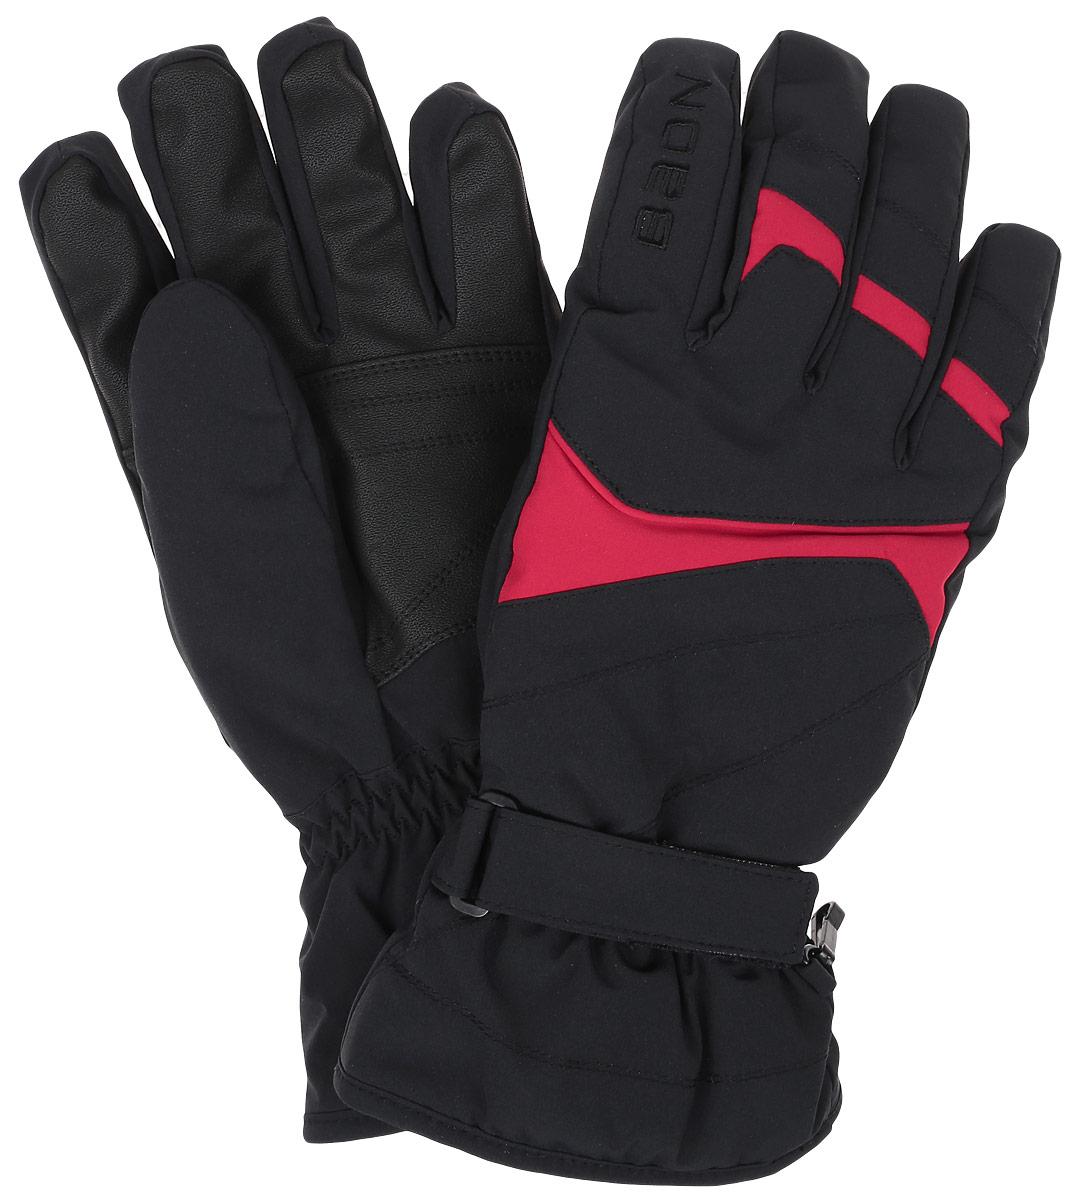 Перчатки мужские Baon, цвет: черный, красный. B866505. Размер XL (52)B866505_BLACK-RUBINГорнолыжные перчатки Baon разработаны специально для поклонников зимних видов спорта. Модель легко снимается и в то же время надежно фиксируется на руке благодаря эластичной вставке на манжете и клапану на липучке, регулирующему объем. Подкладка изделия выполнена из мягкого полиэстера. Ладонная часть выполнена из прочного материала, препятствующего скольжению. Для удобного хранения перчатки оснащены пластиковой застежкой, соединяющей их вместе.